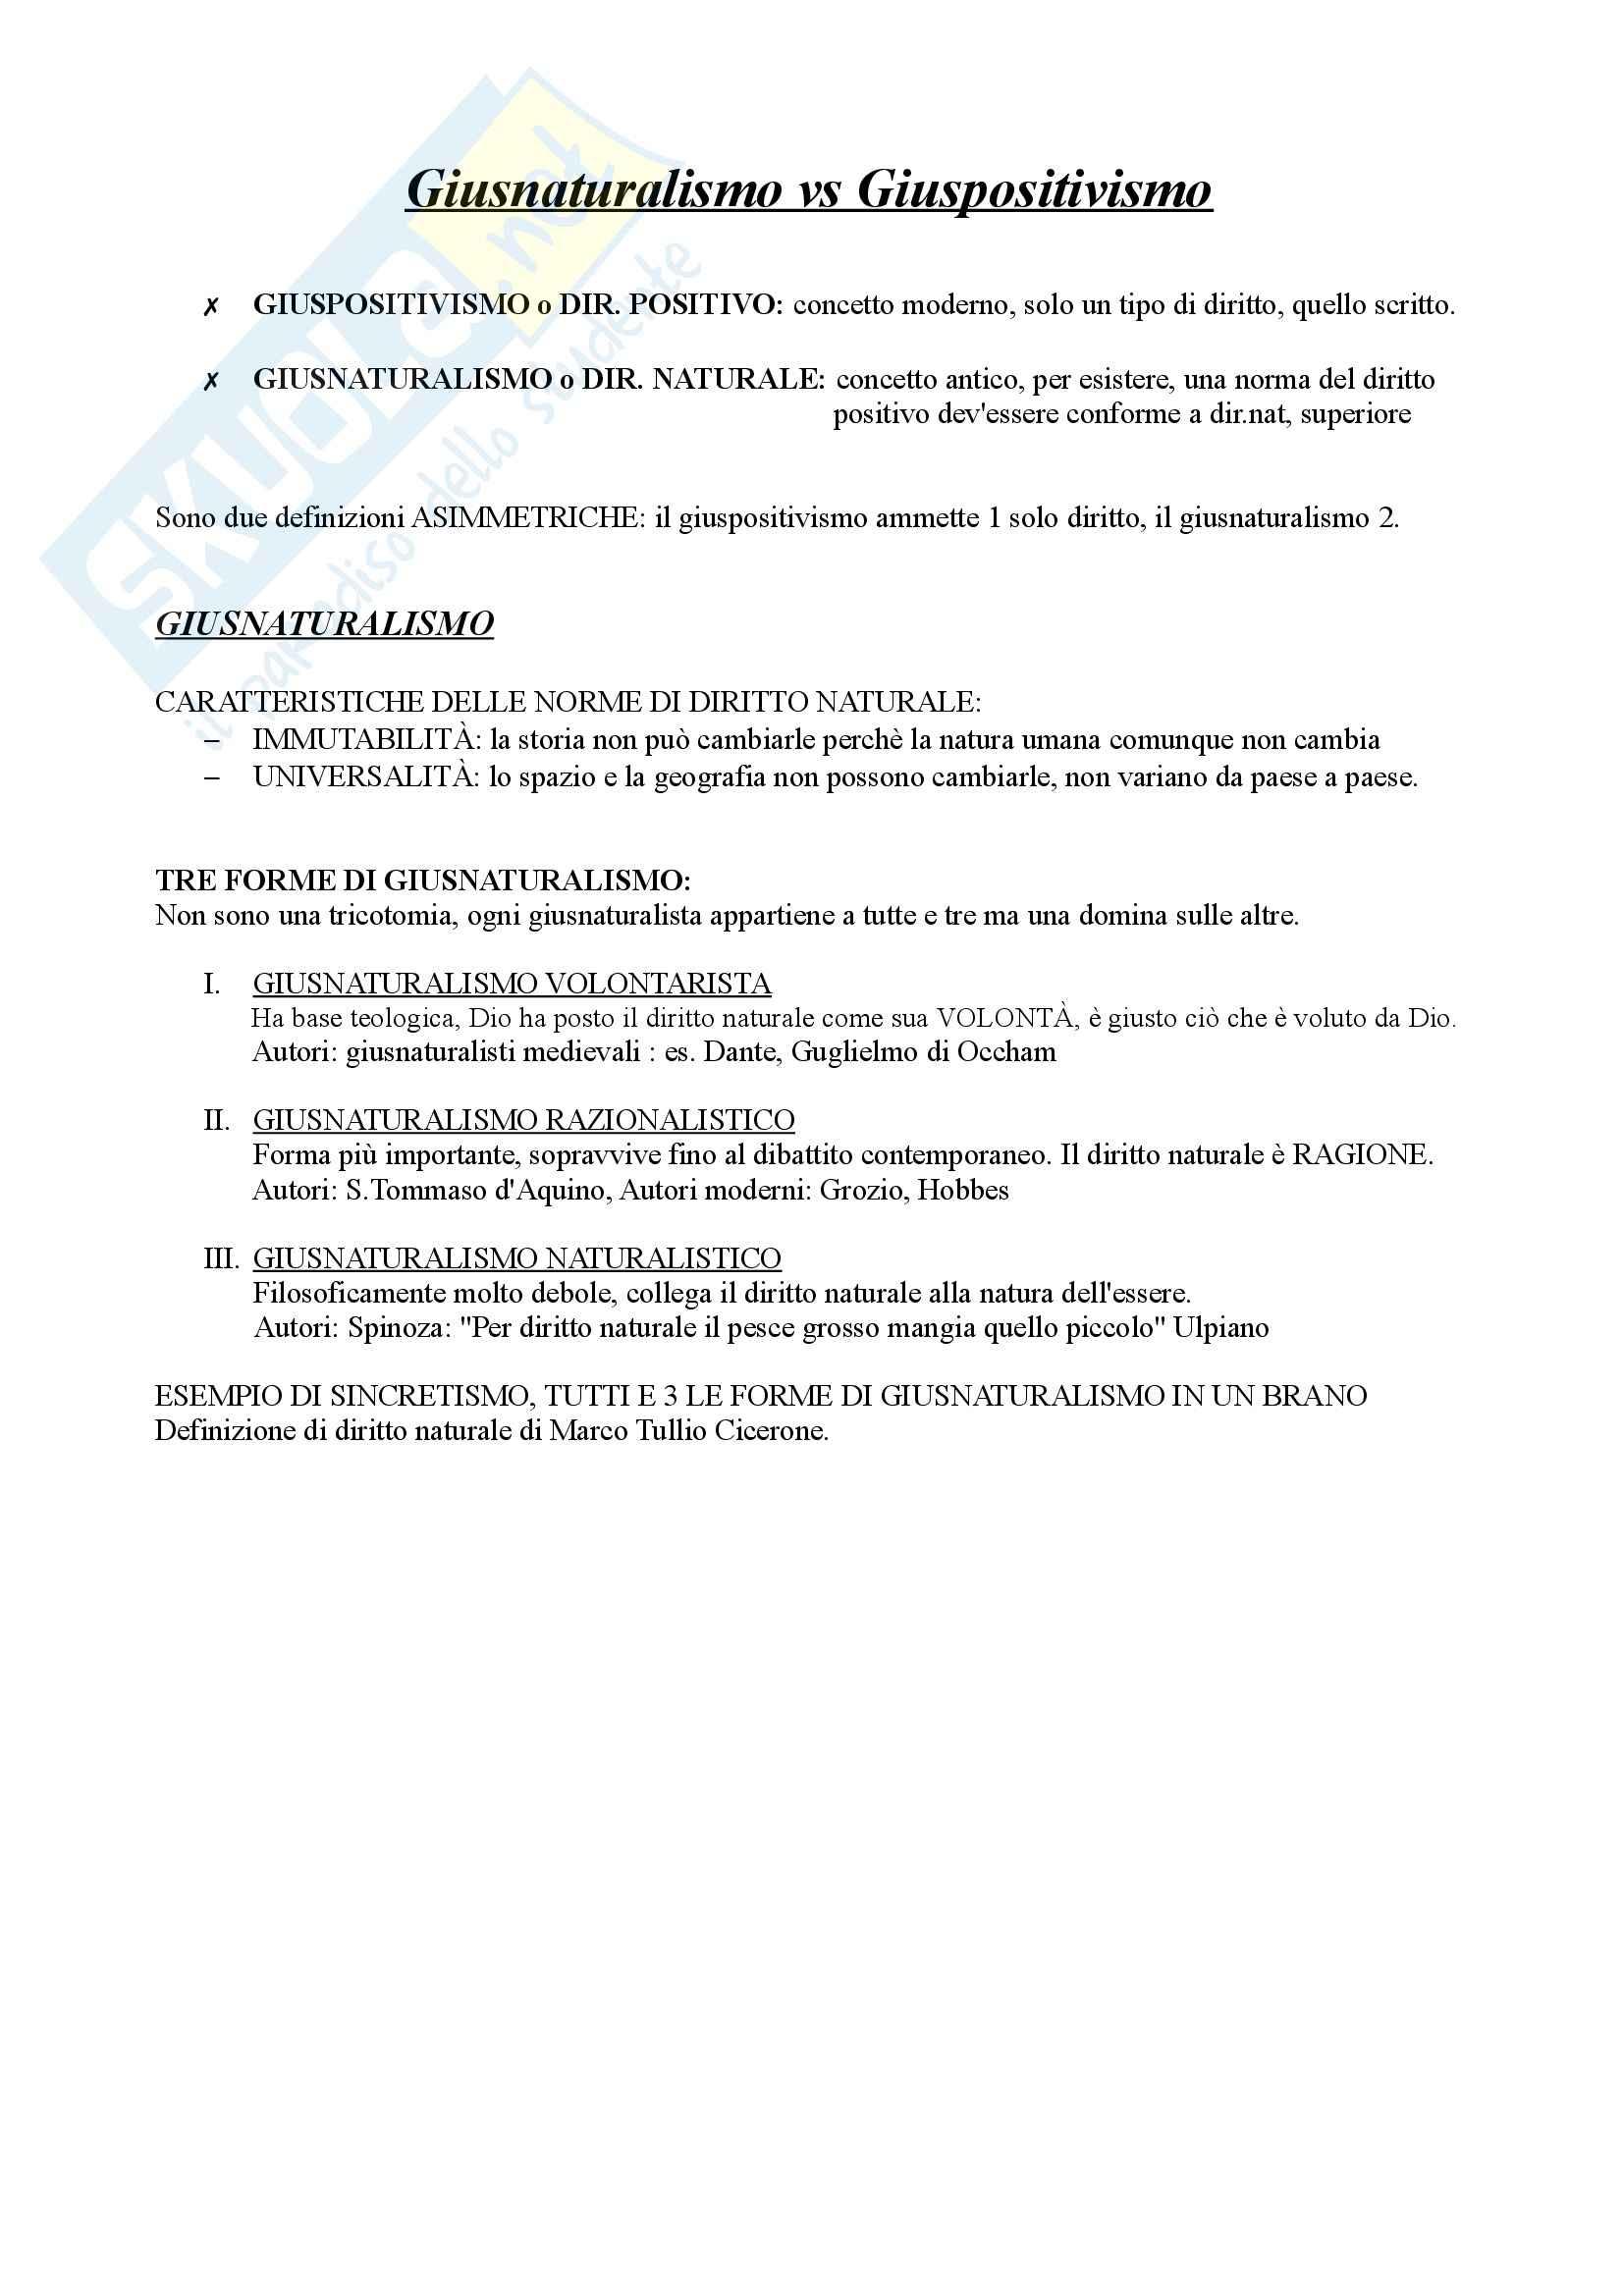 Appunti filosofia del diritto a-l prof. Gianfrancesco Zanetti UNIMORE Modena e Reggio Emilia Pag. 2